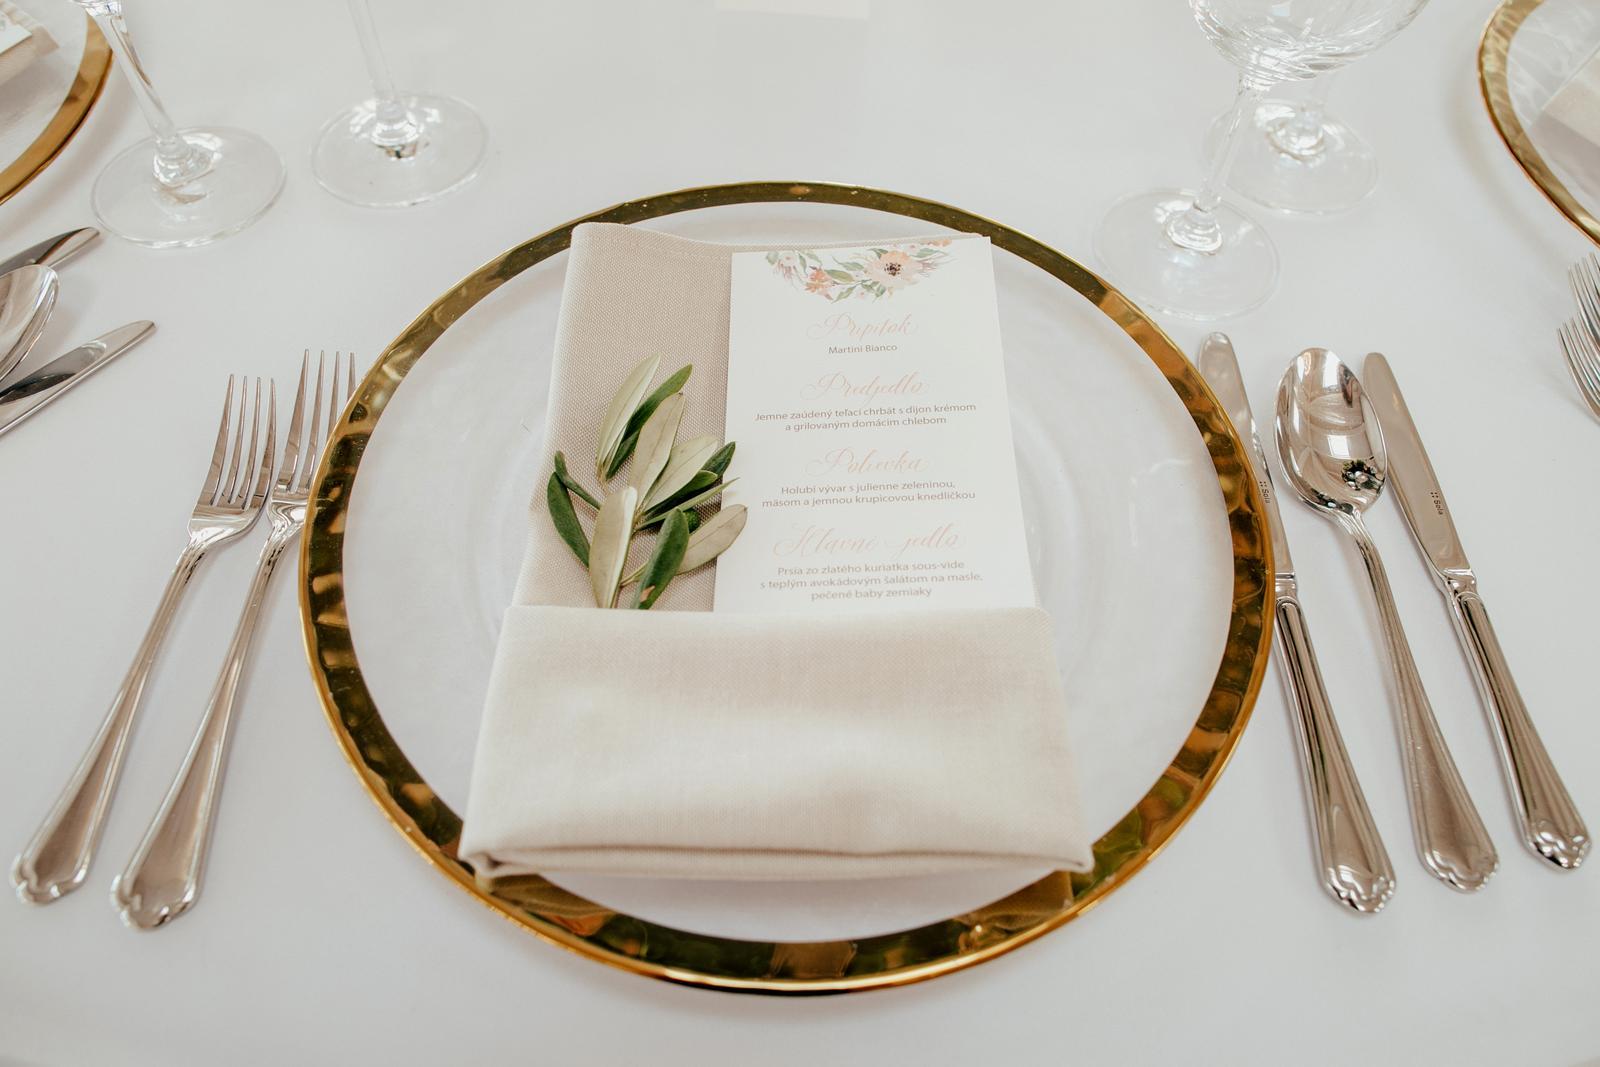 Luxusné klubové taniere so zlatým lemom - Obrázok č. 2